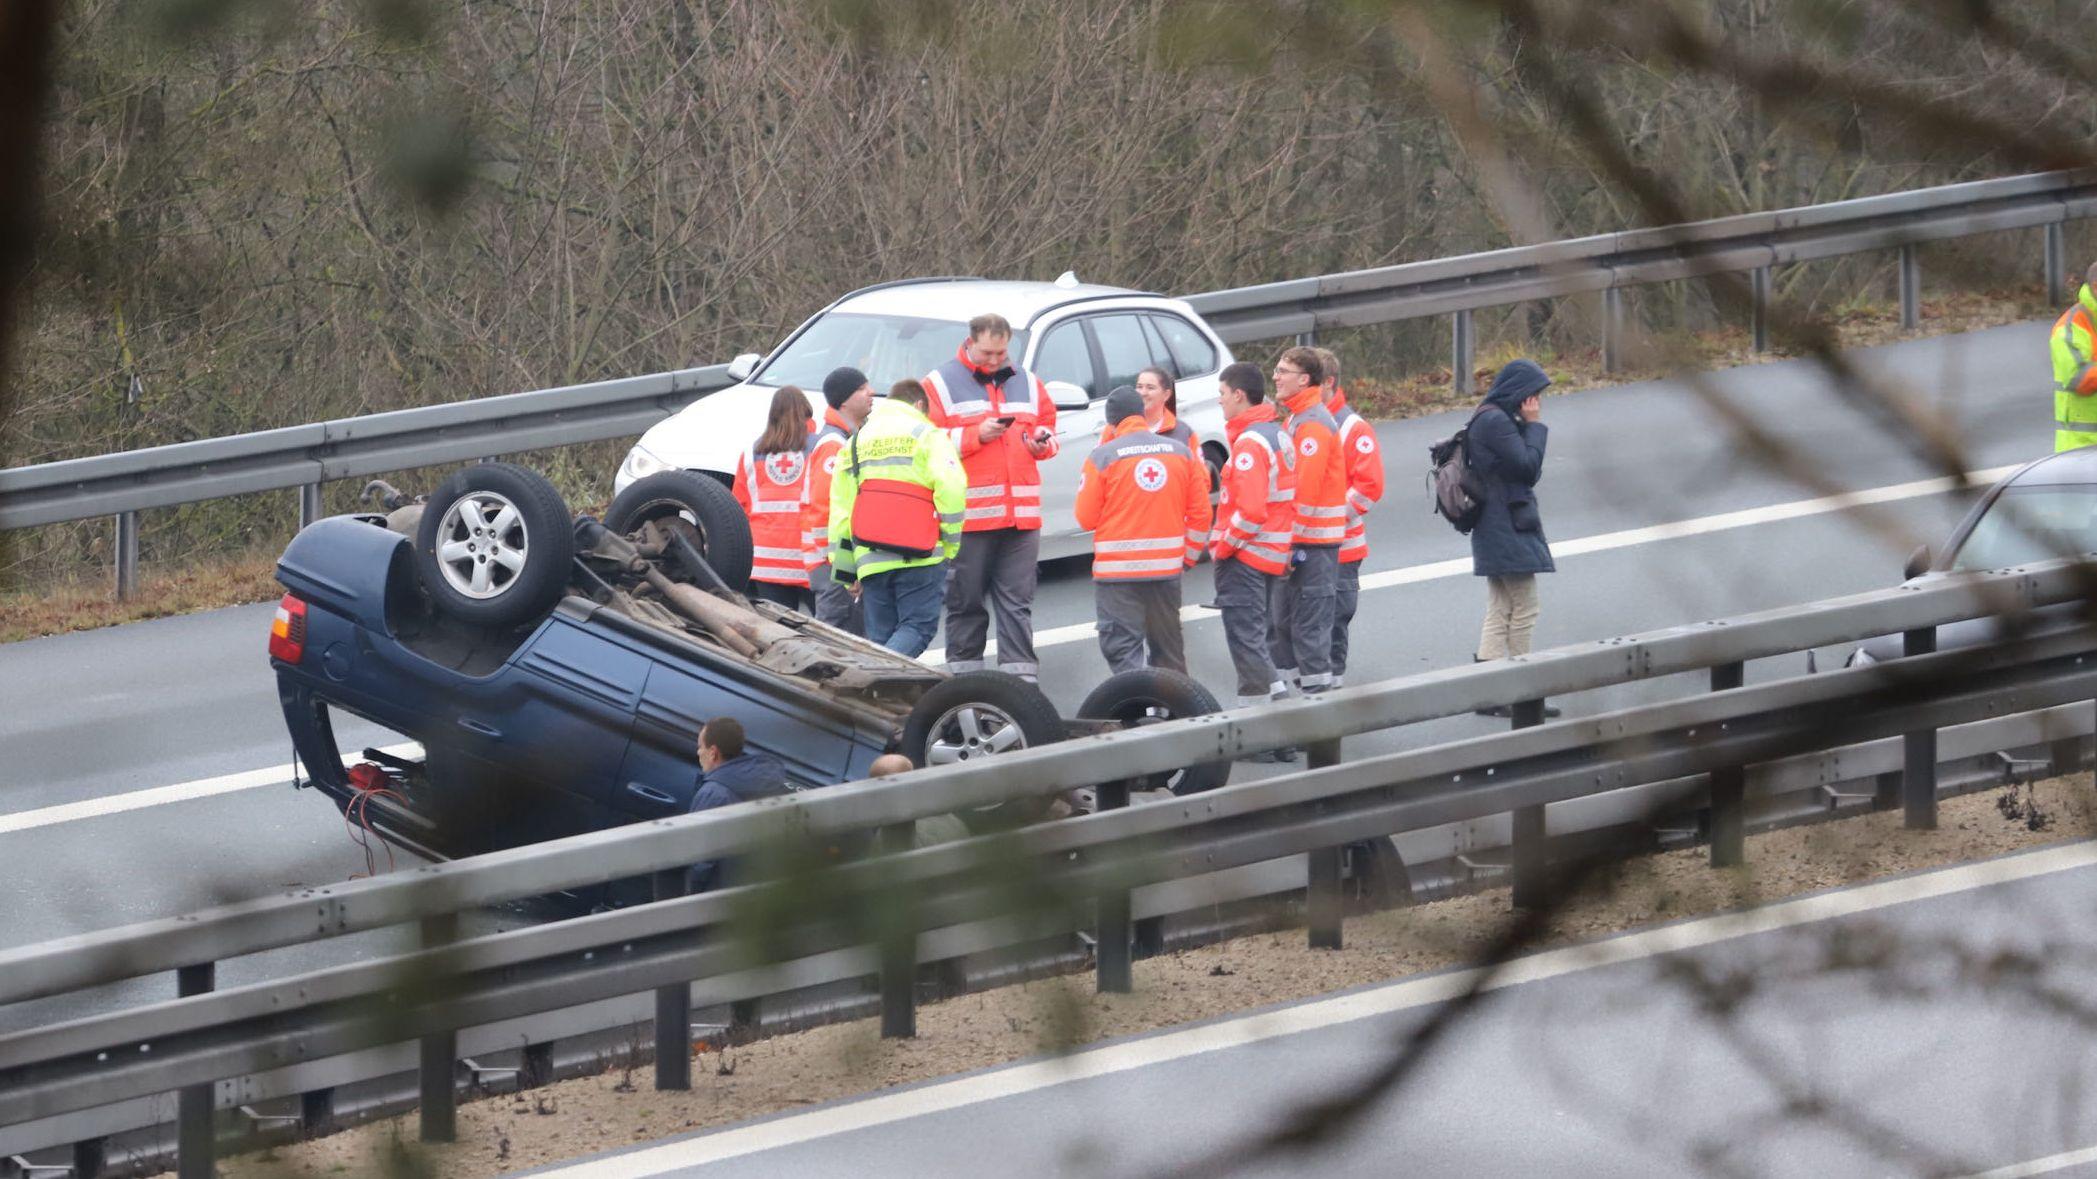 Auf der A3 bei Neumarkt-Ost ist es zu einer Serie von Unfällen gekommen. 14 Fahrzeuge waren darin verwickelt.